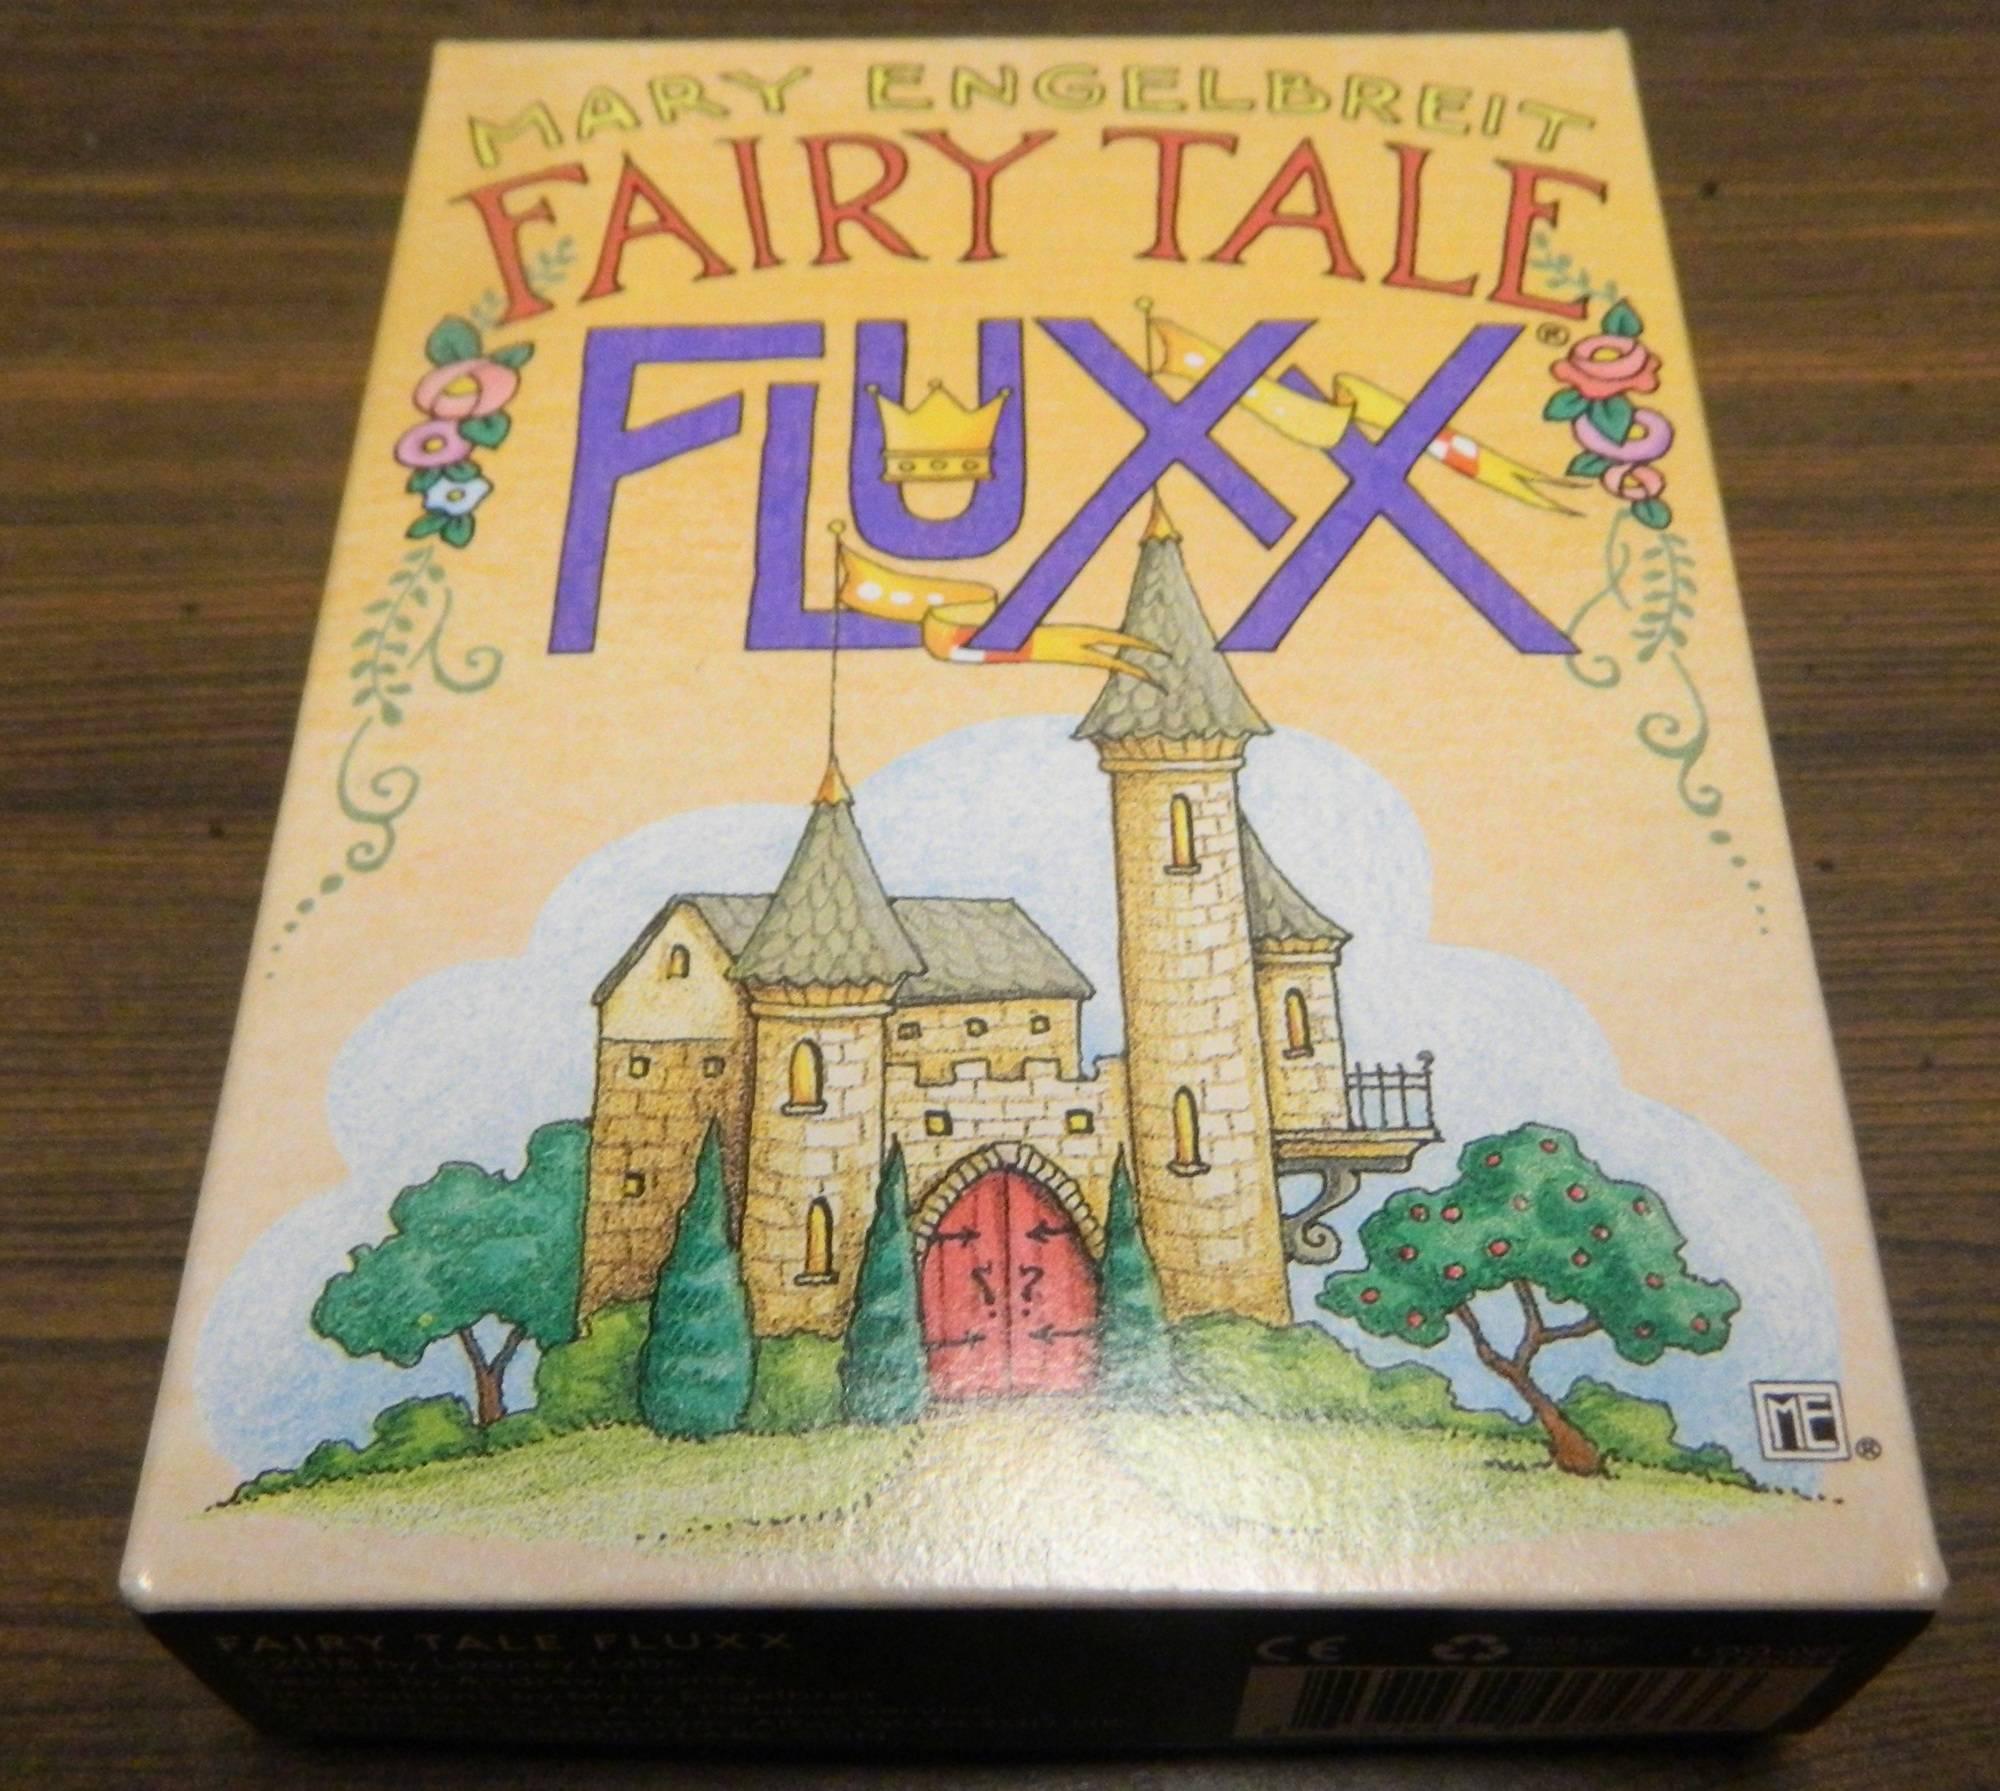 Box for Fairy Tale Fluxx